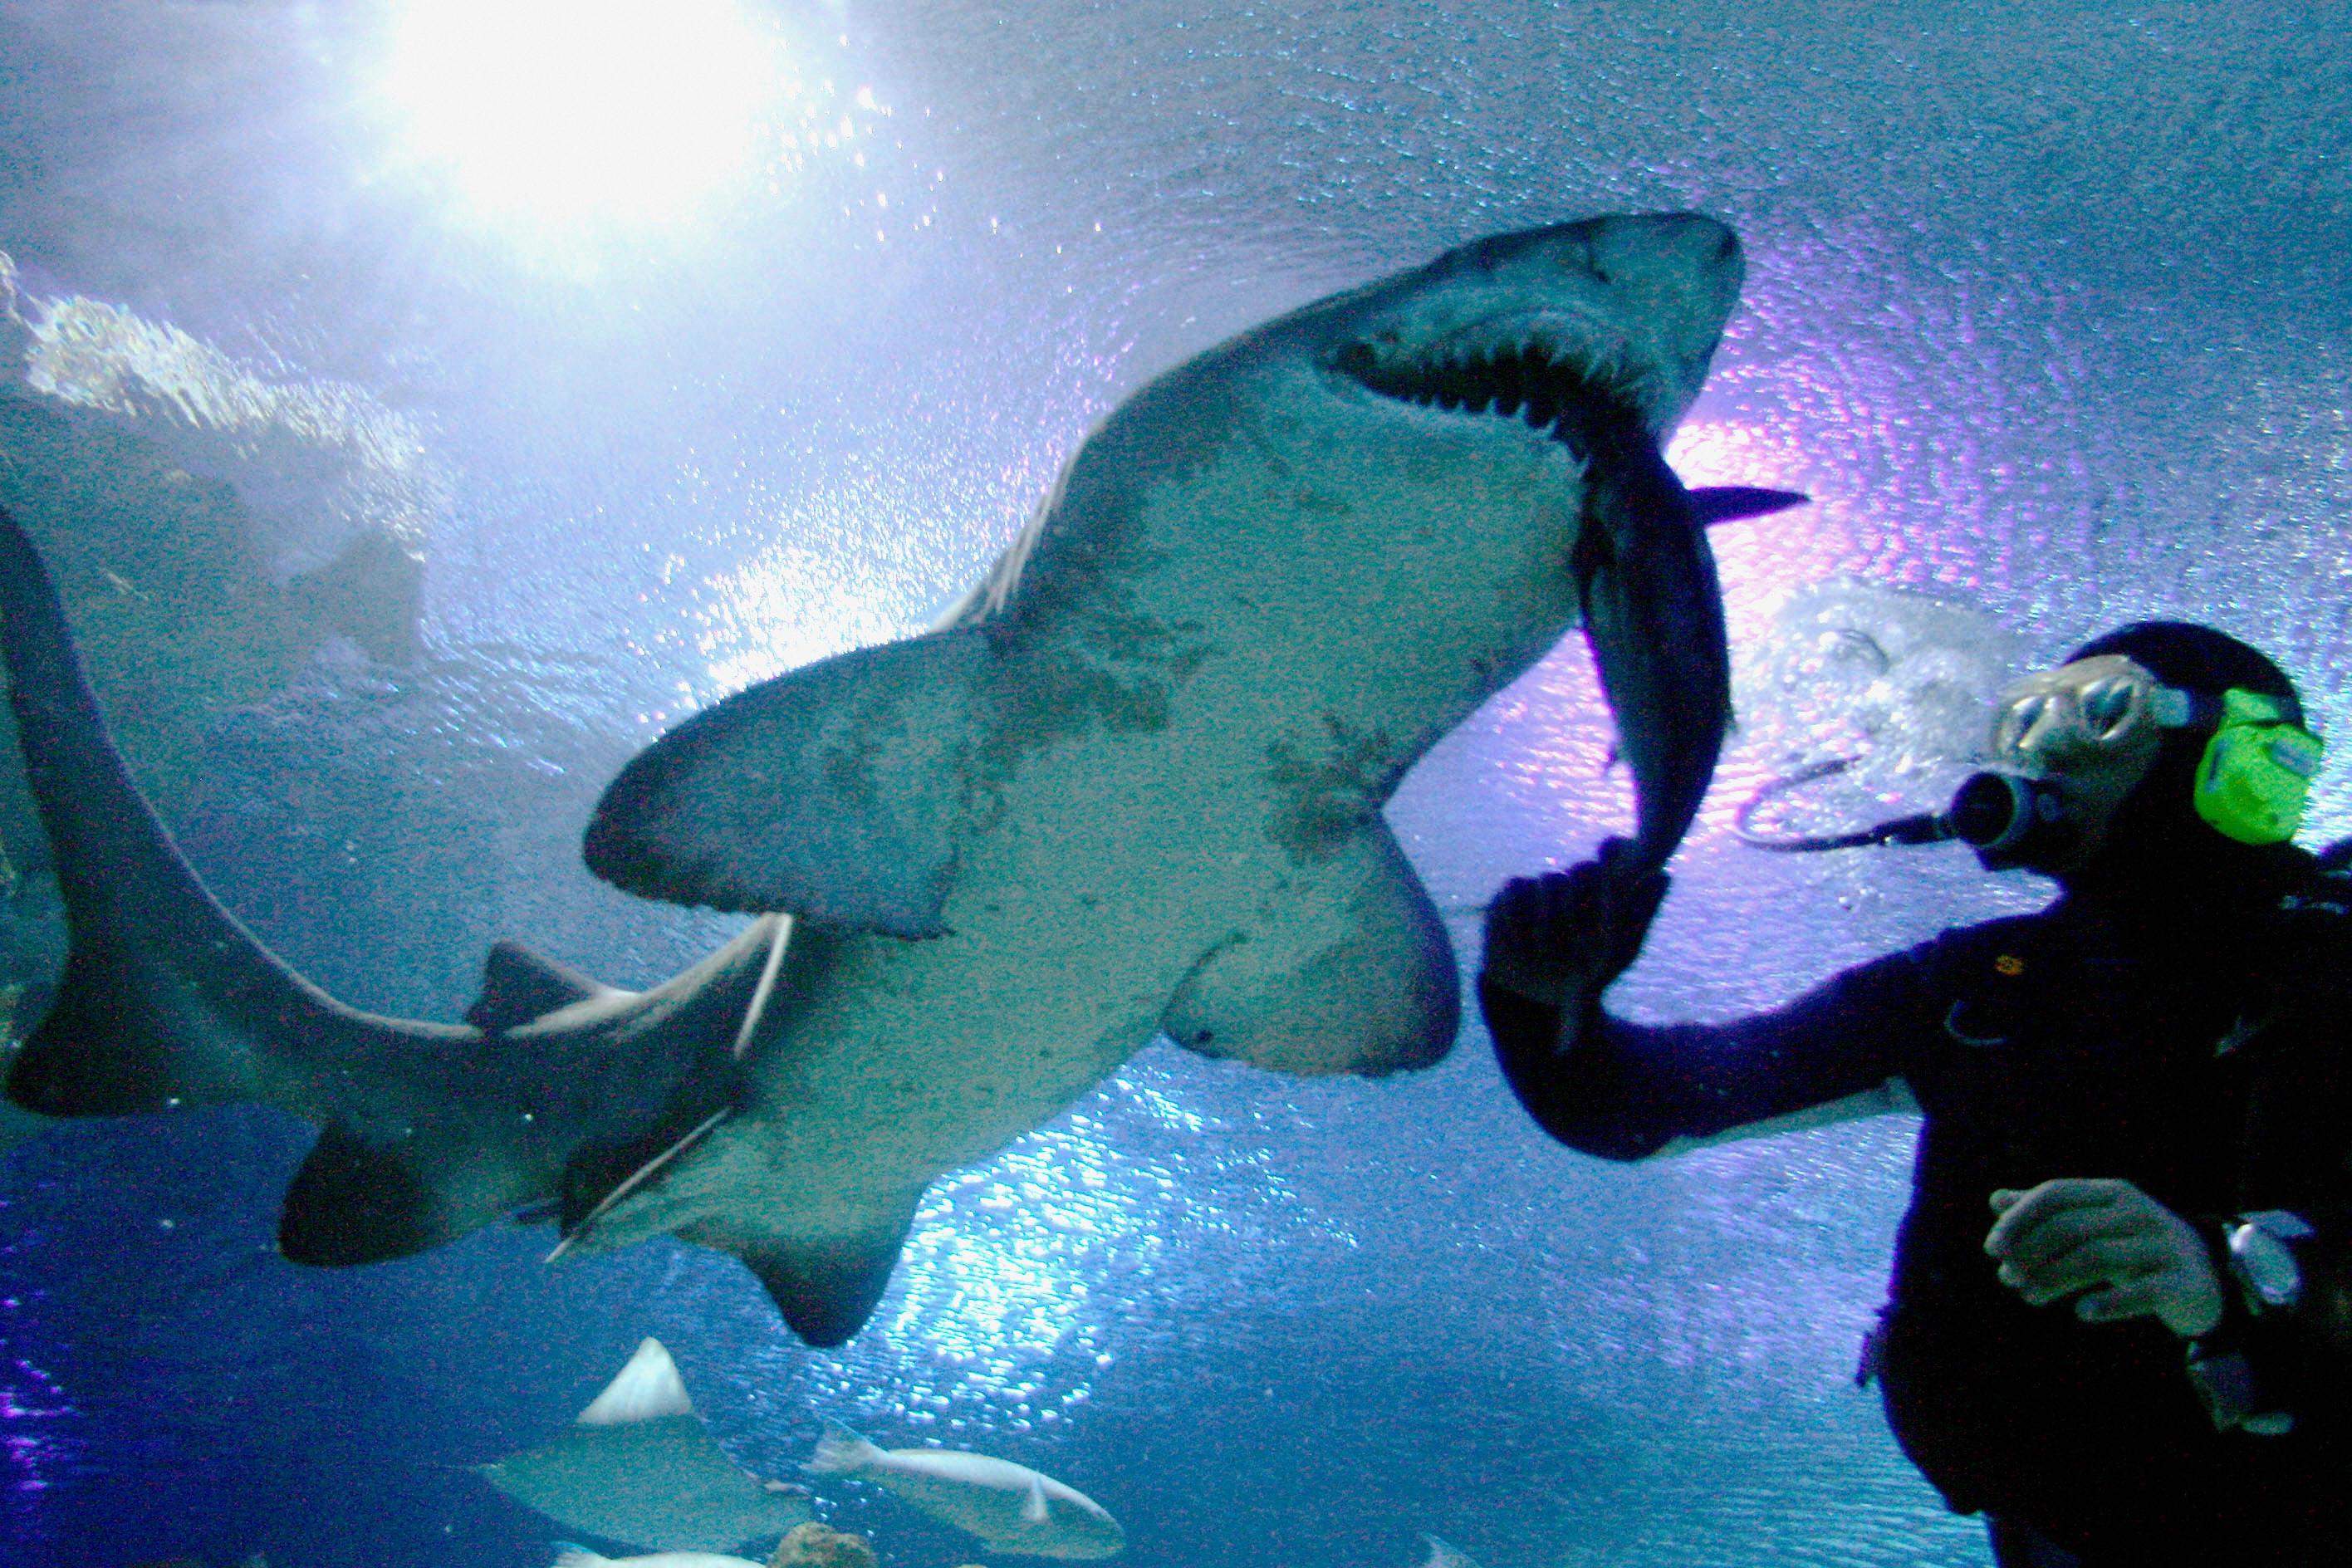 A diver feeds a shark at the Aquarium in